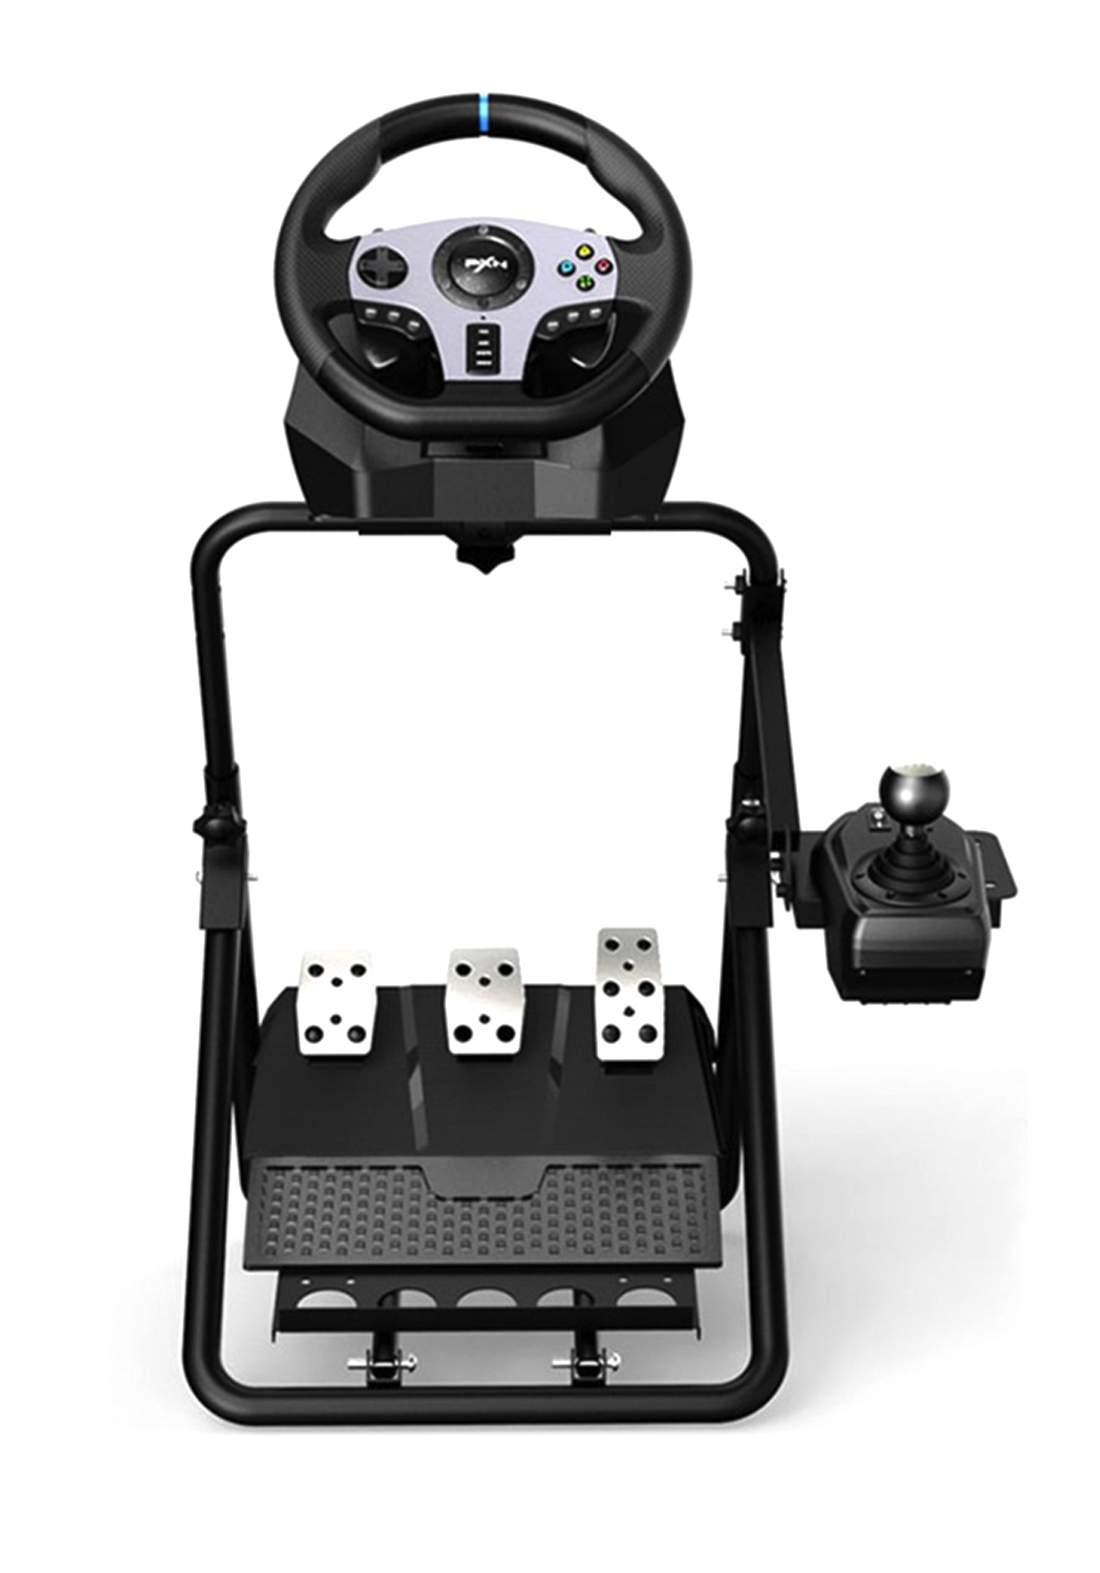 PXN V9 Vibration Feedback Racing Game Steering Whee ستاند ستيرن و كير ومكابح